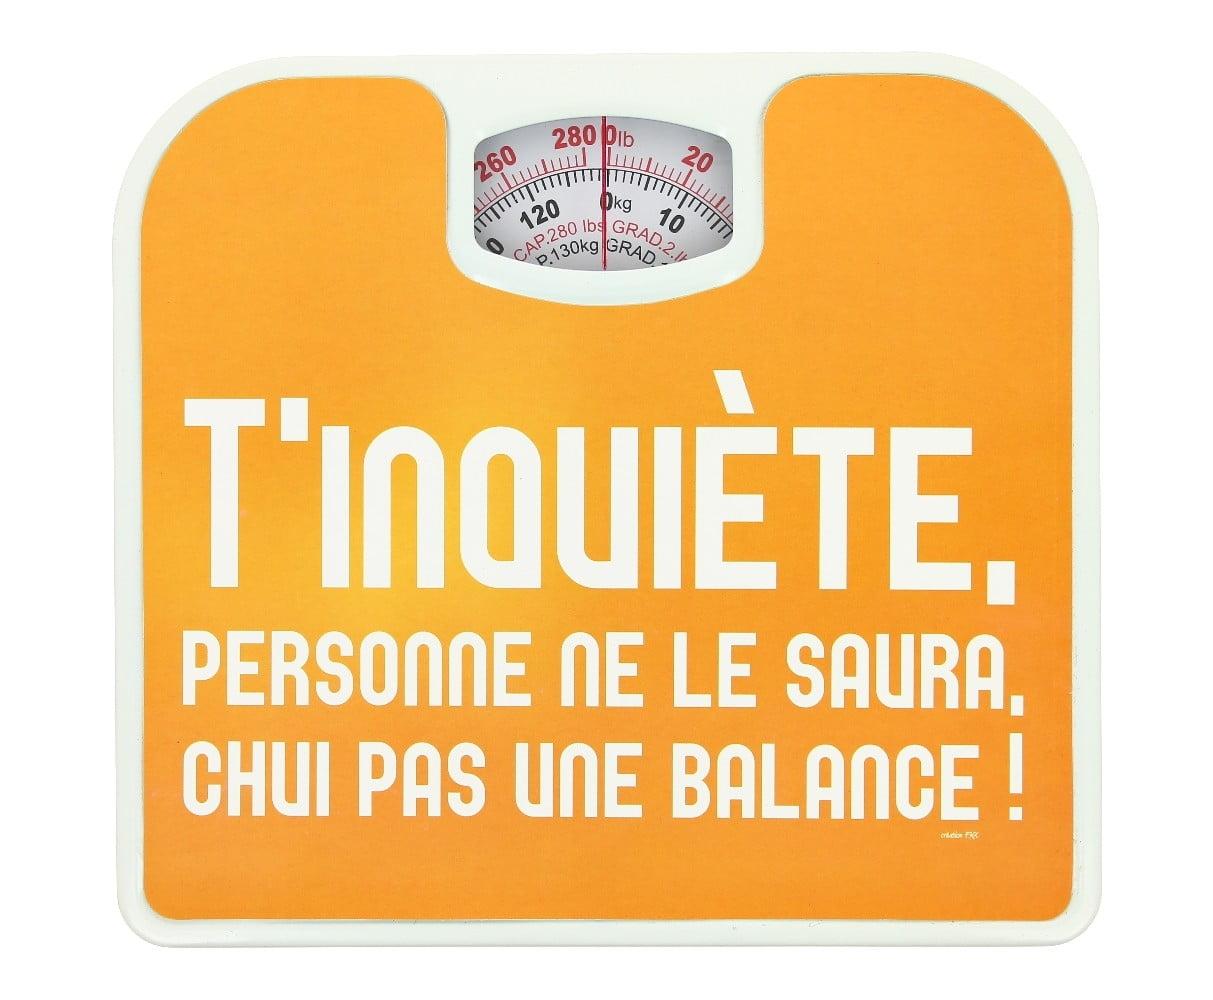 -25 kg en 1 an // Voici l'histoire de mon rééquilibrage alimentaire